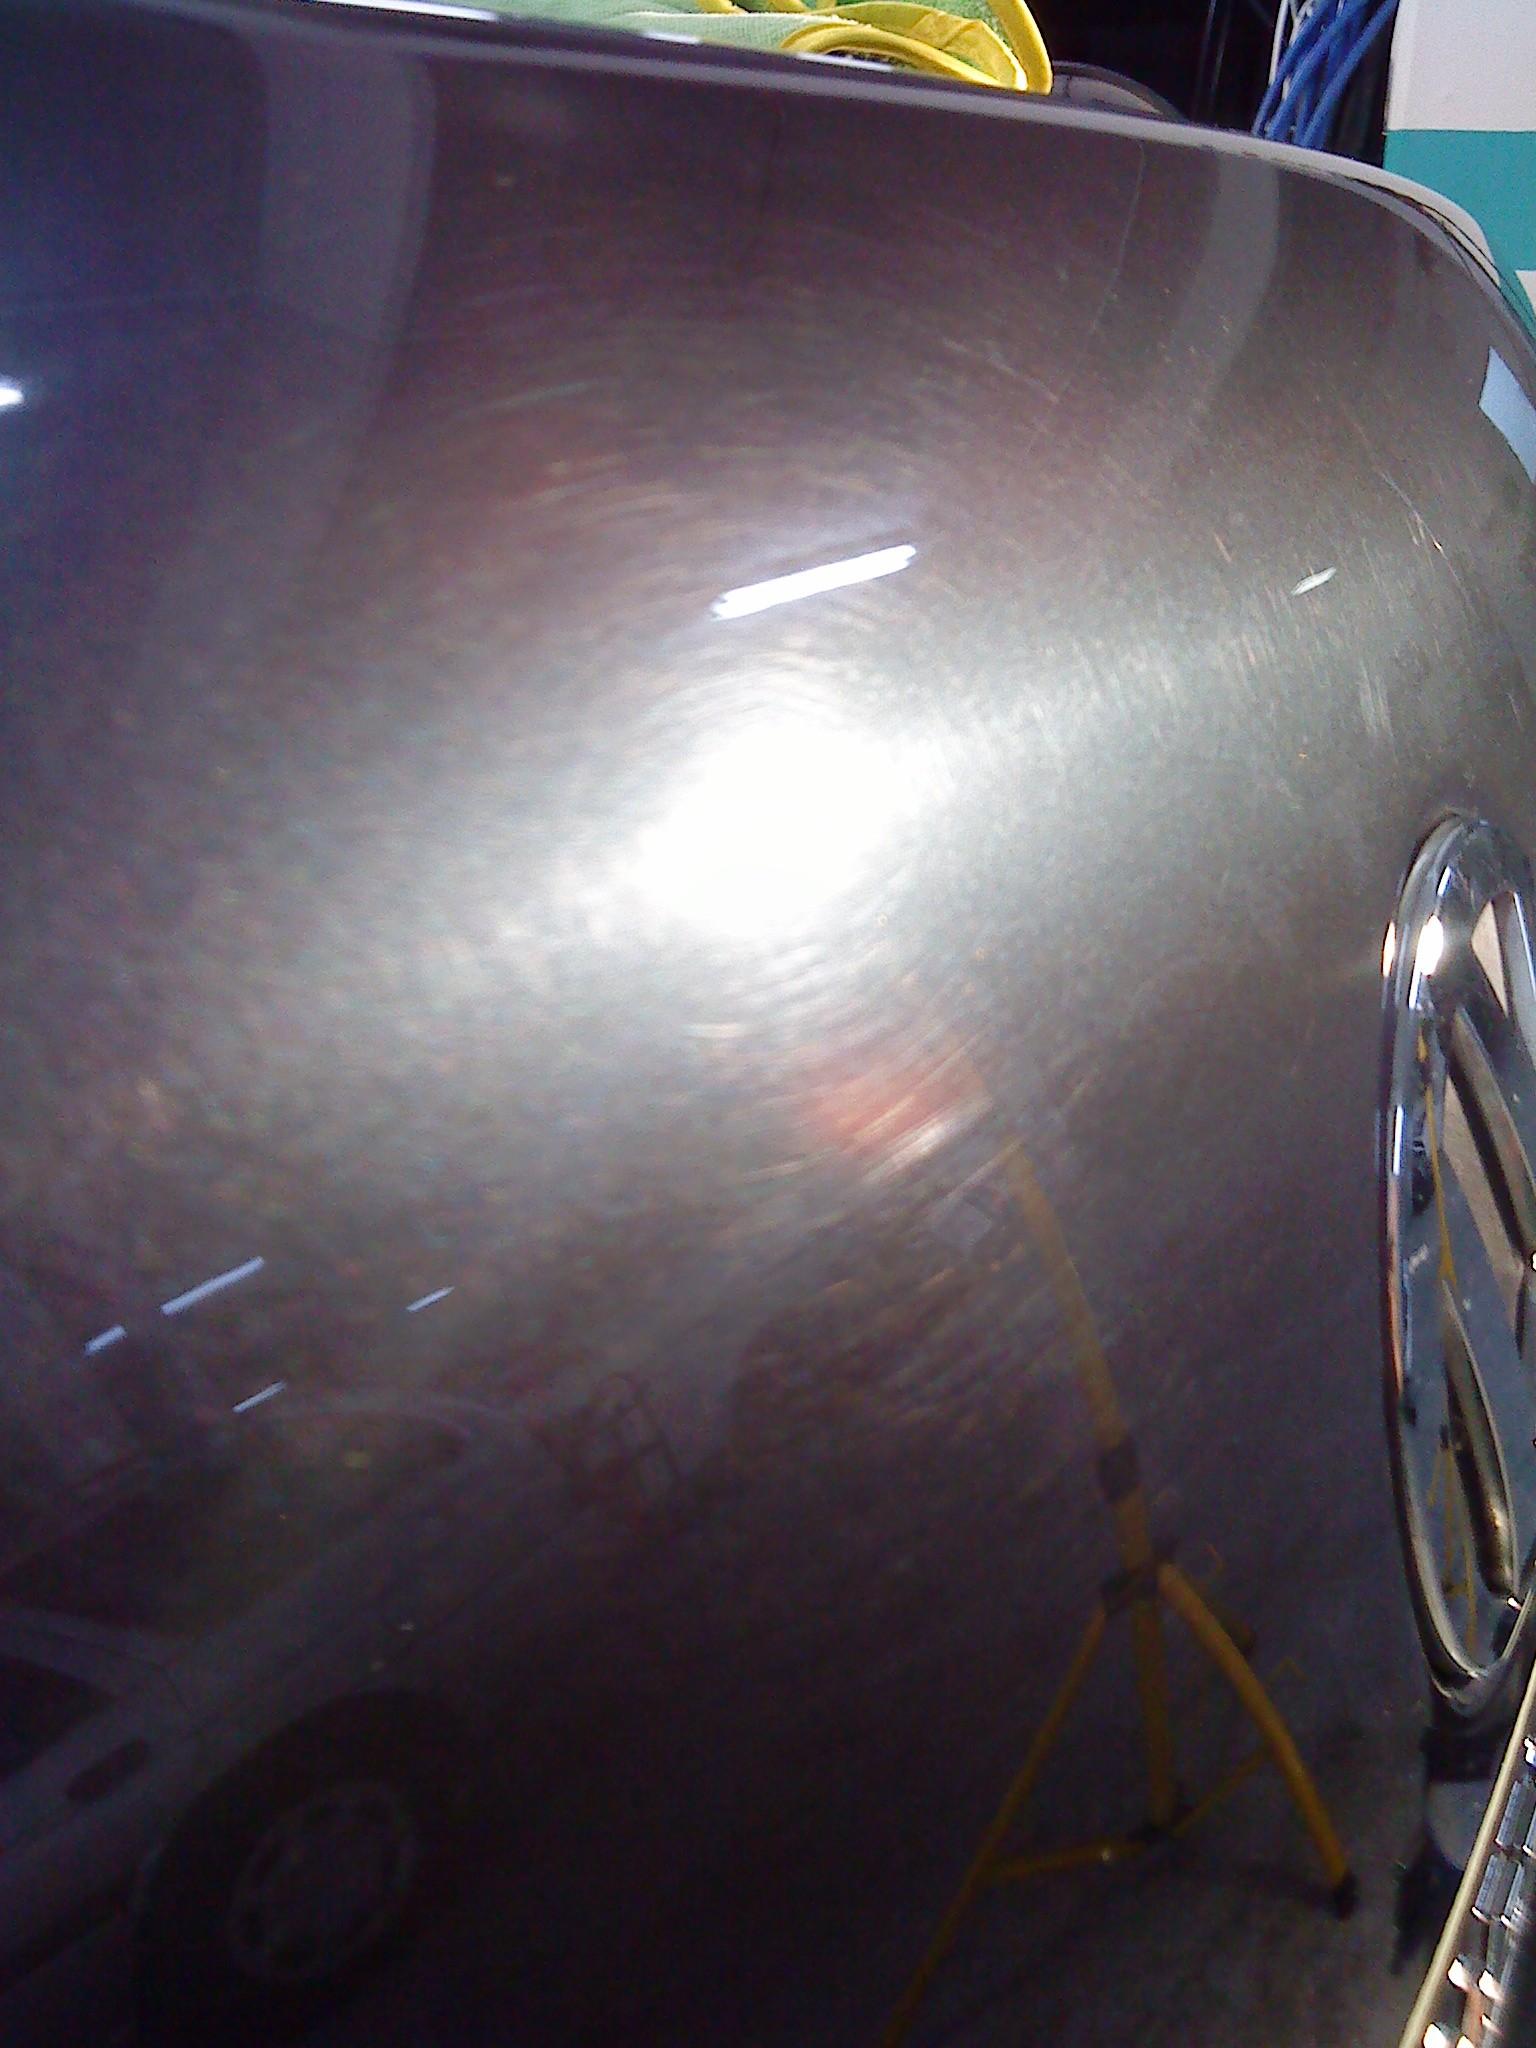 #41778A Bedst Guldvask Hvorfor Du ALDRIG Skal Vælge Guldvask Bilpleje.nu Gør Det Selv Rust På Bil 6003 153620486003